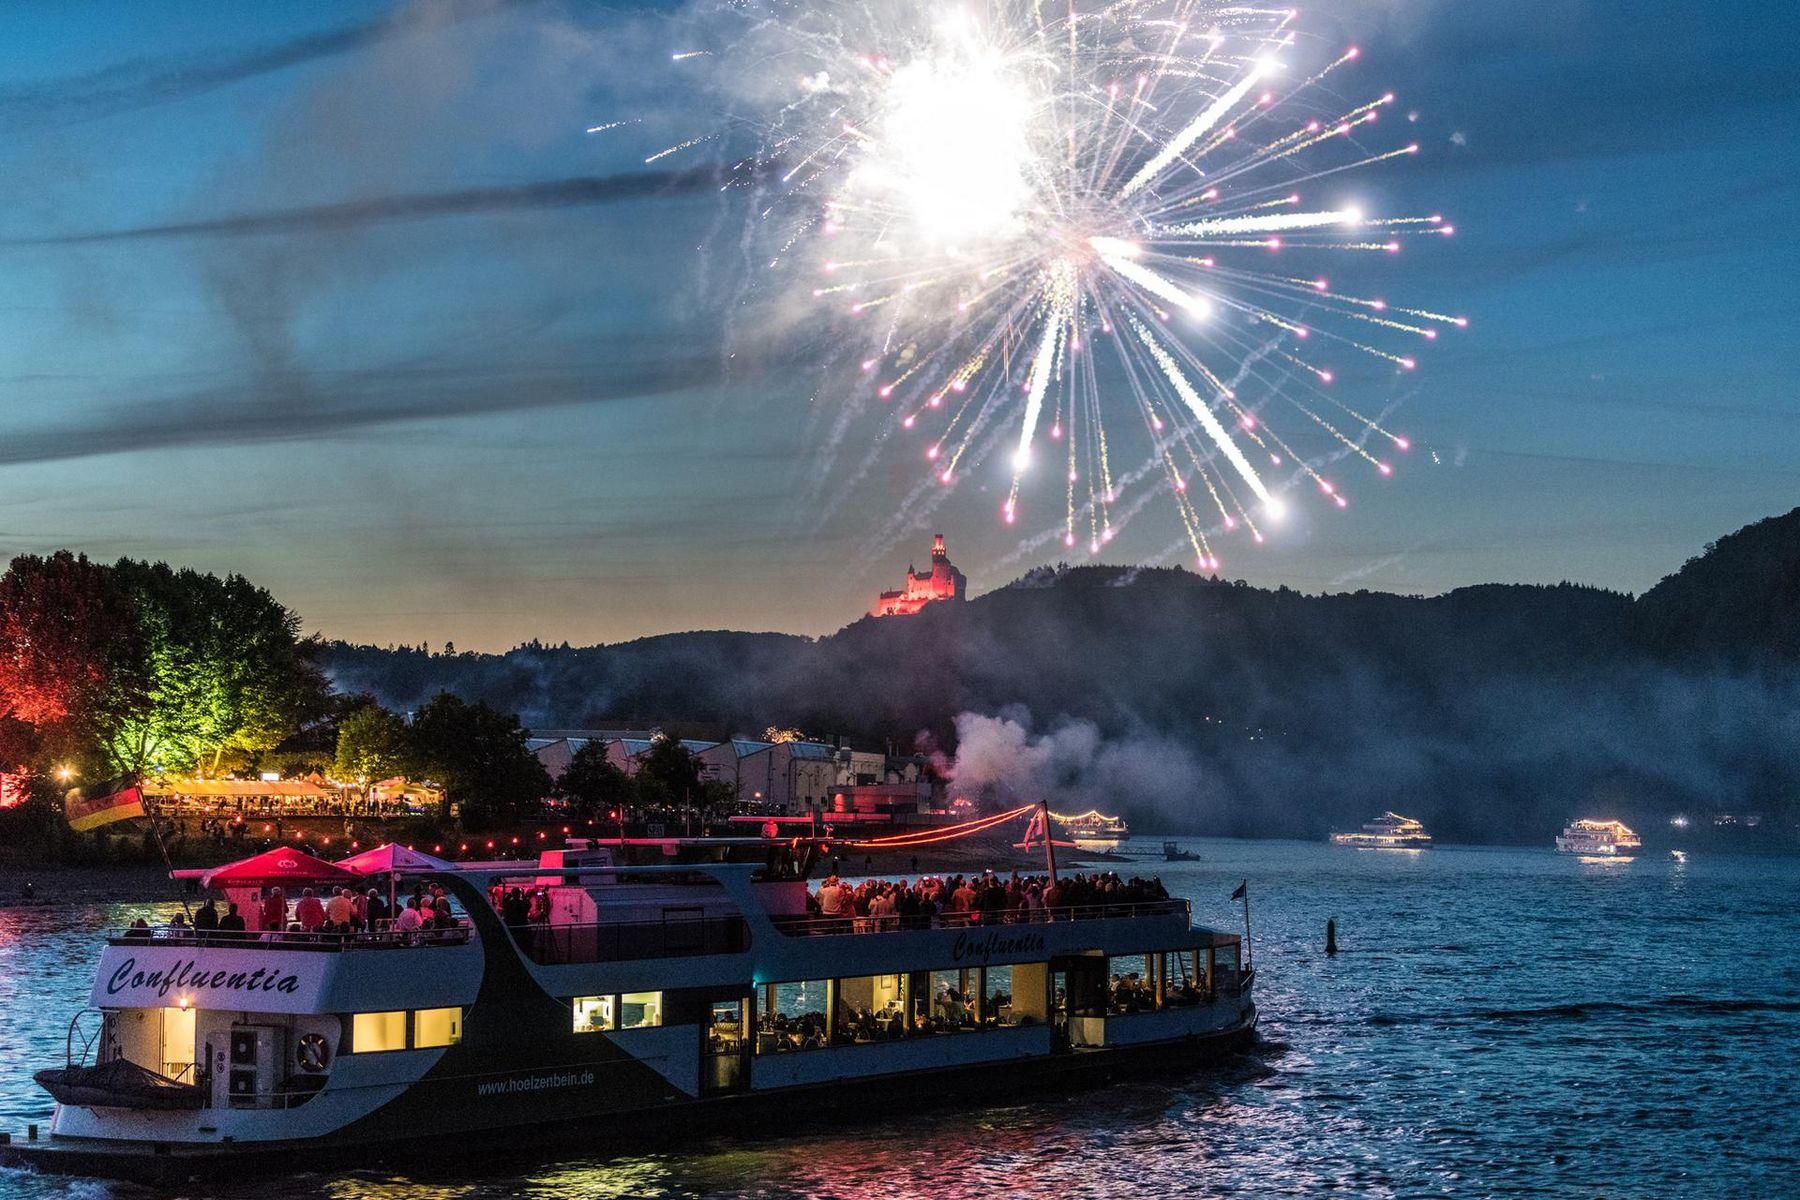 RIF 2018 Koblenz 149 Dominik Ketz Romantischer Rhein Tourismus GmbH web